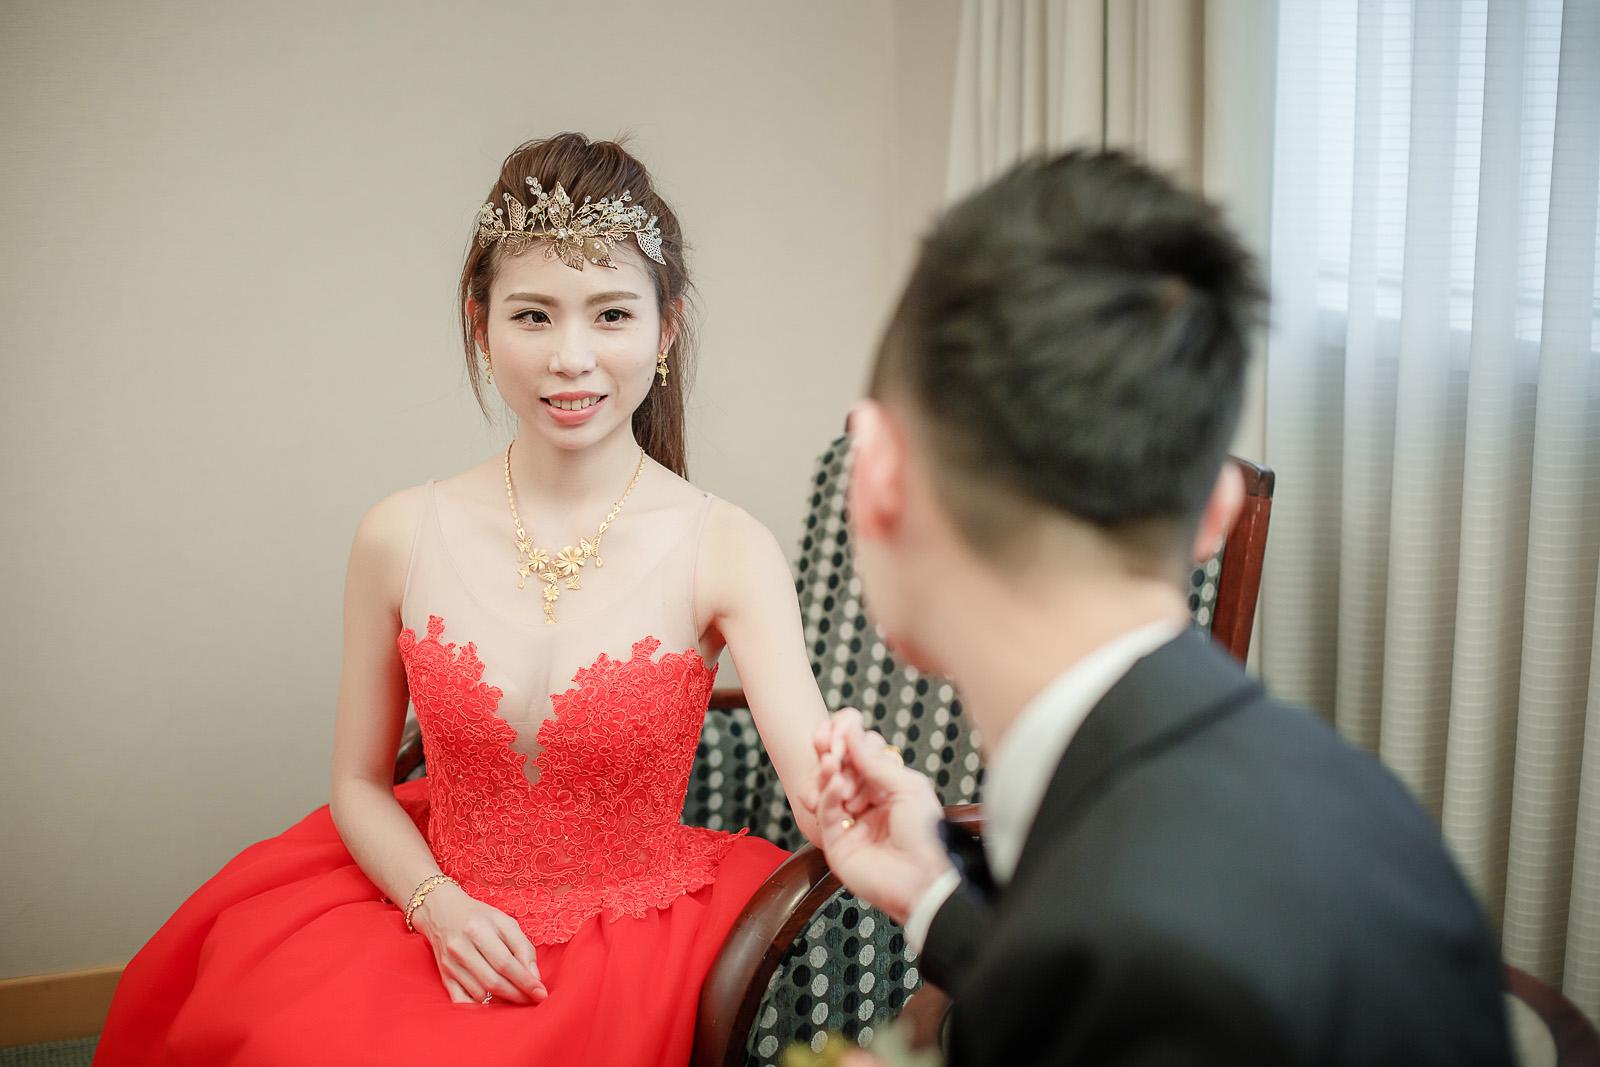 高雄圓山飯店,婚禮攝影,婚攝,高雄婚攝,優質婚攝推薦,Jen&Ethan-056